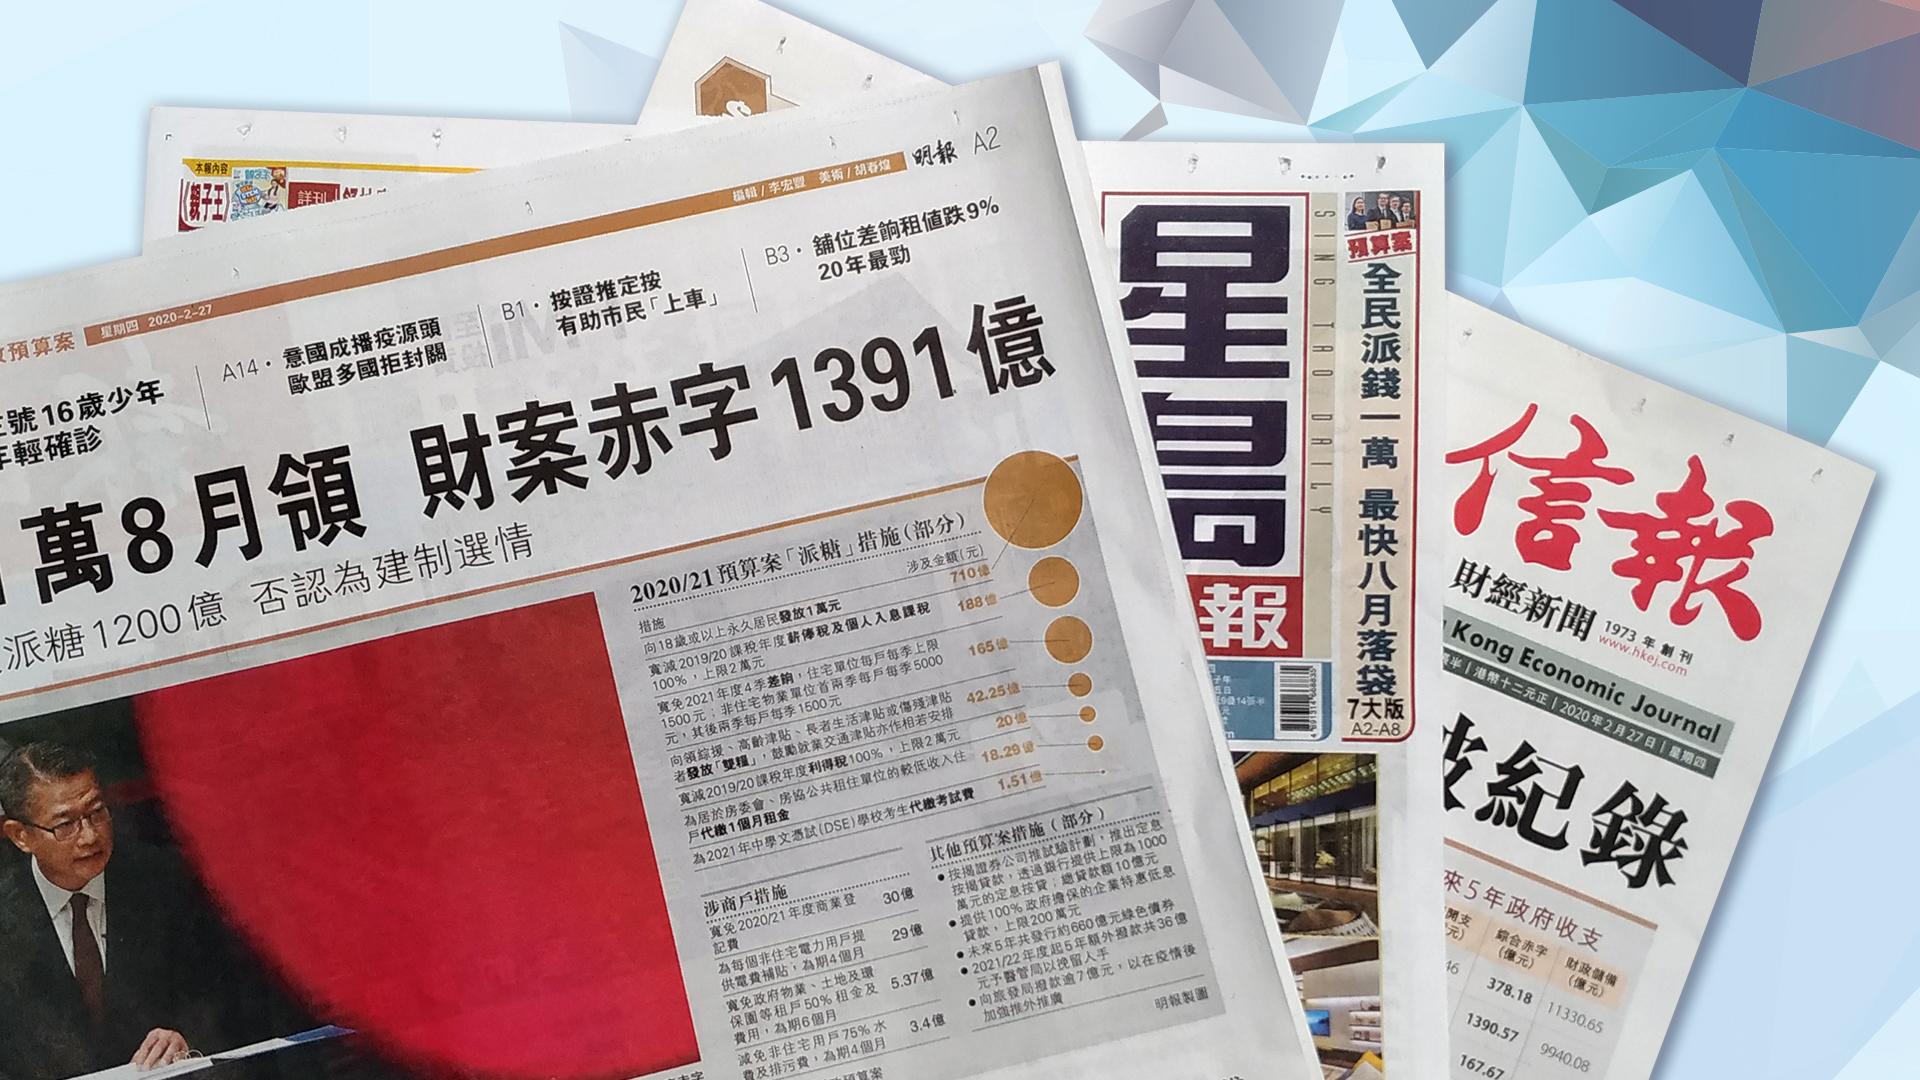 【報章A1速覽】派1萬8月領 陳茂波派糖1200億 否認為建制選情;下年度財赤1391億破紀錄